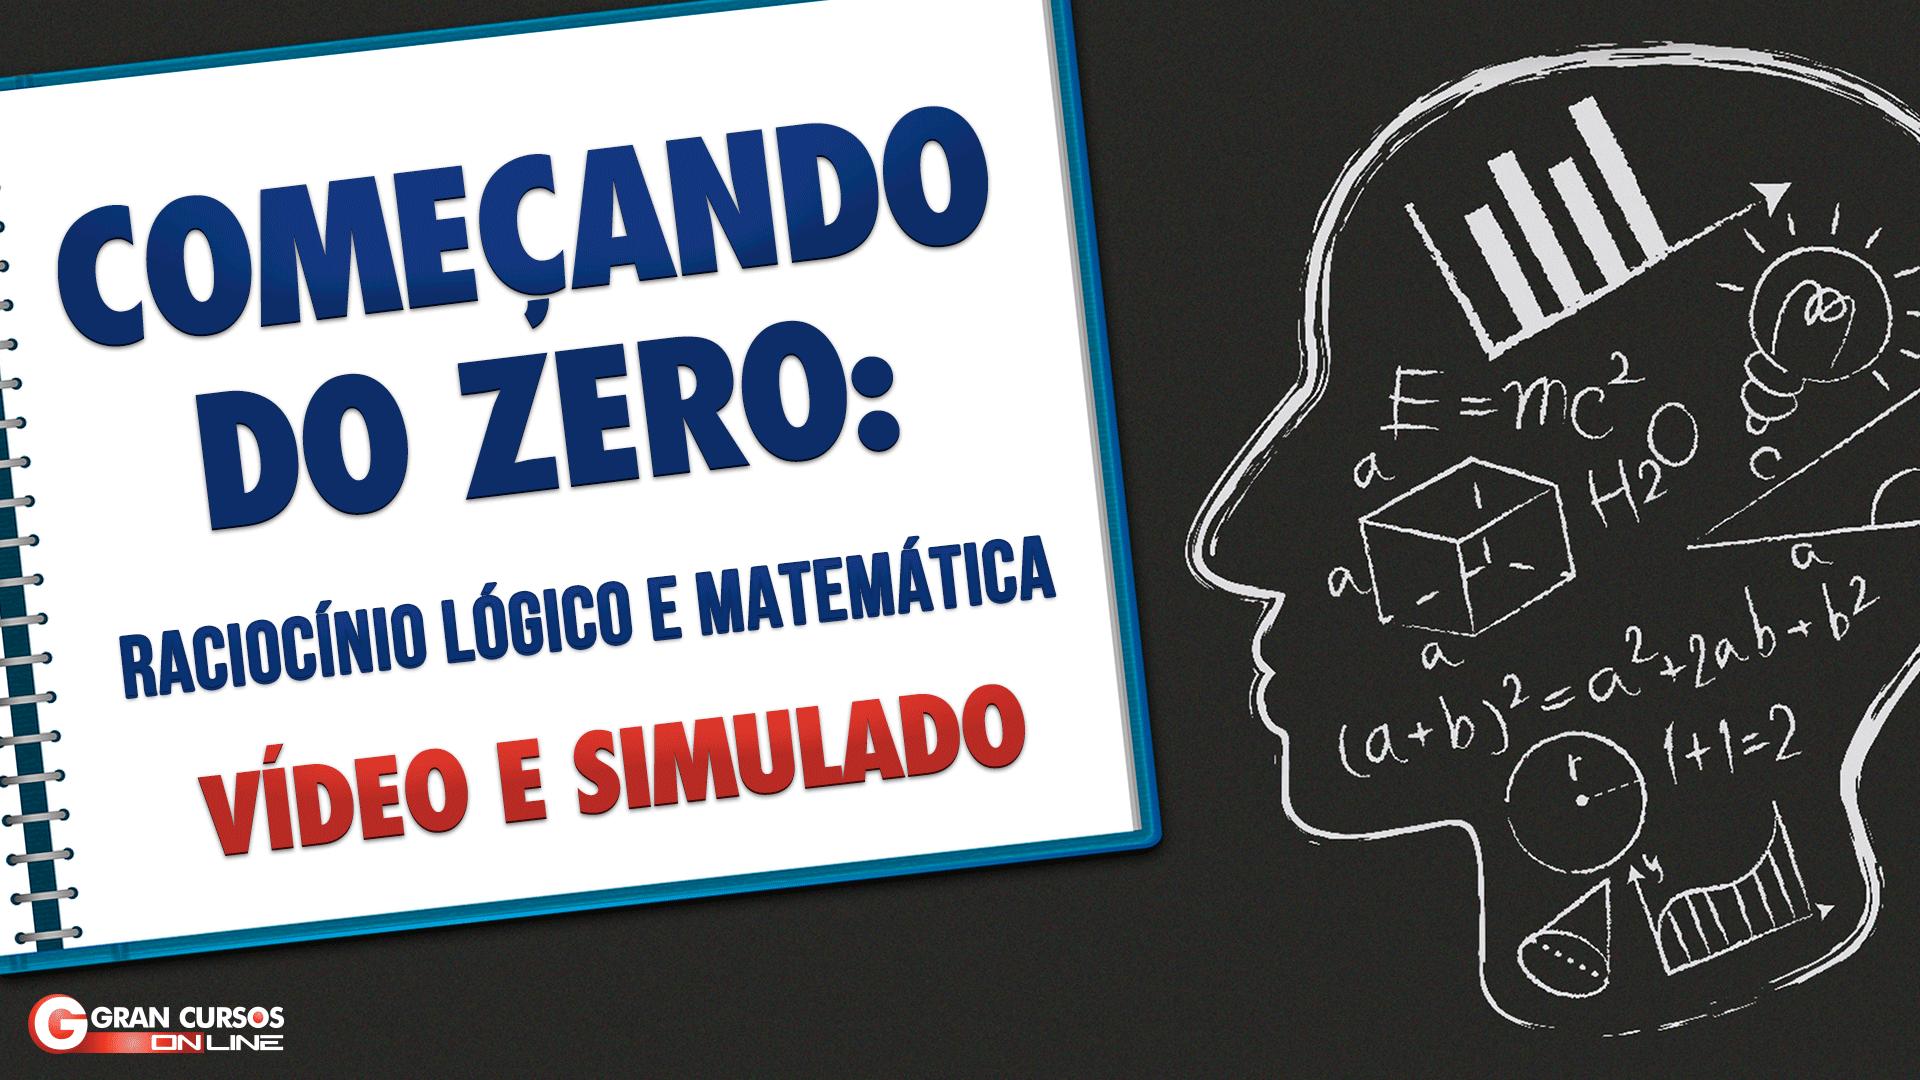 Simulado - Começando do Zero - Raciocínio Lógico e Matemática